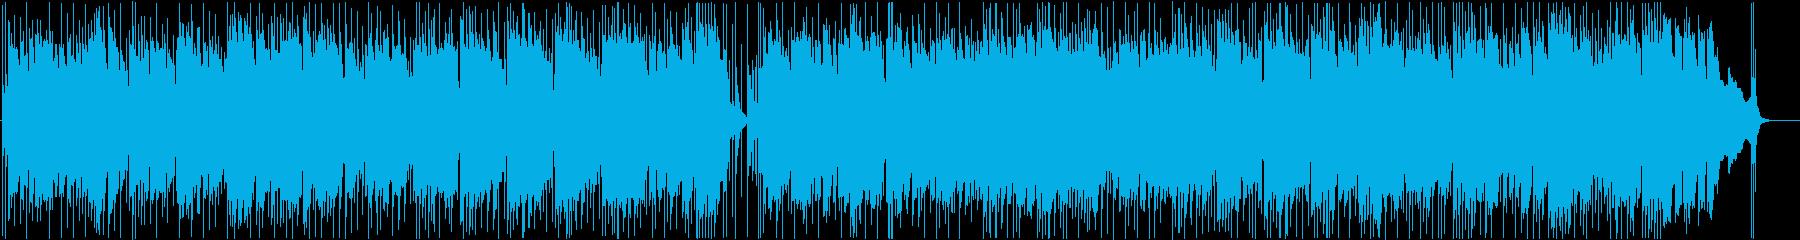 グルービーなジャズ風ロックの再生済みの波形